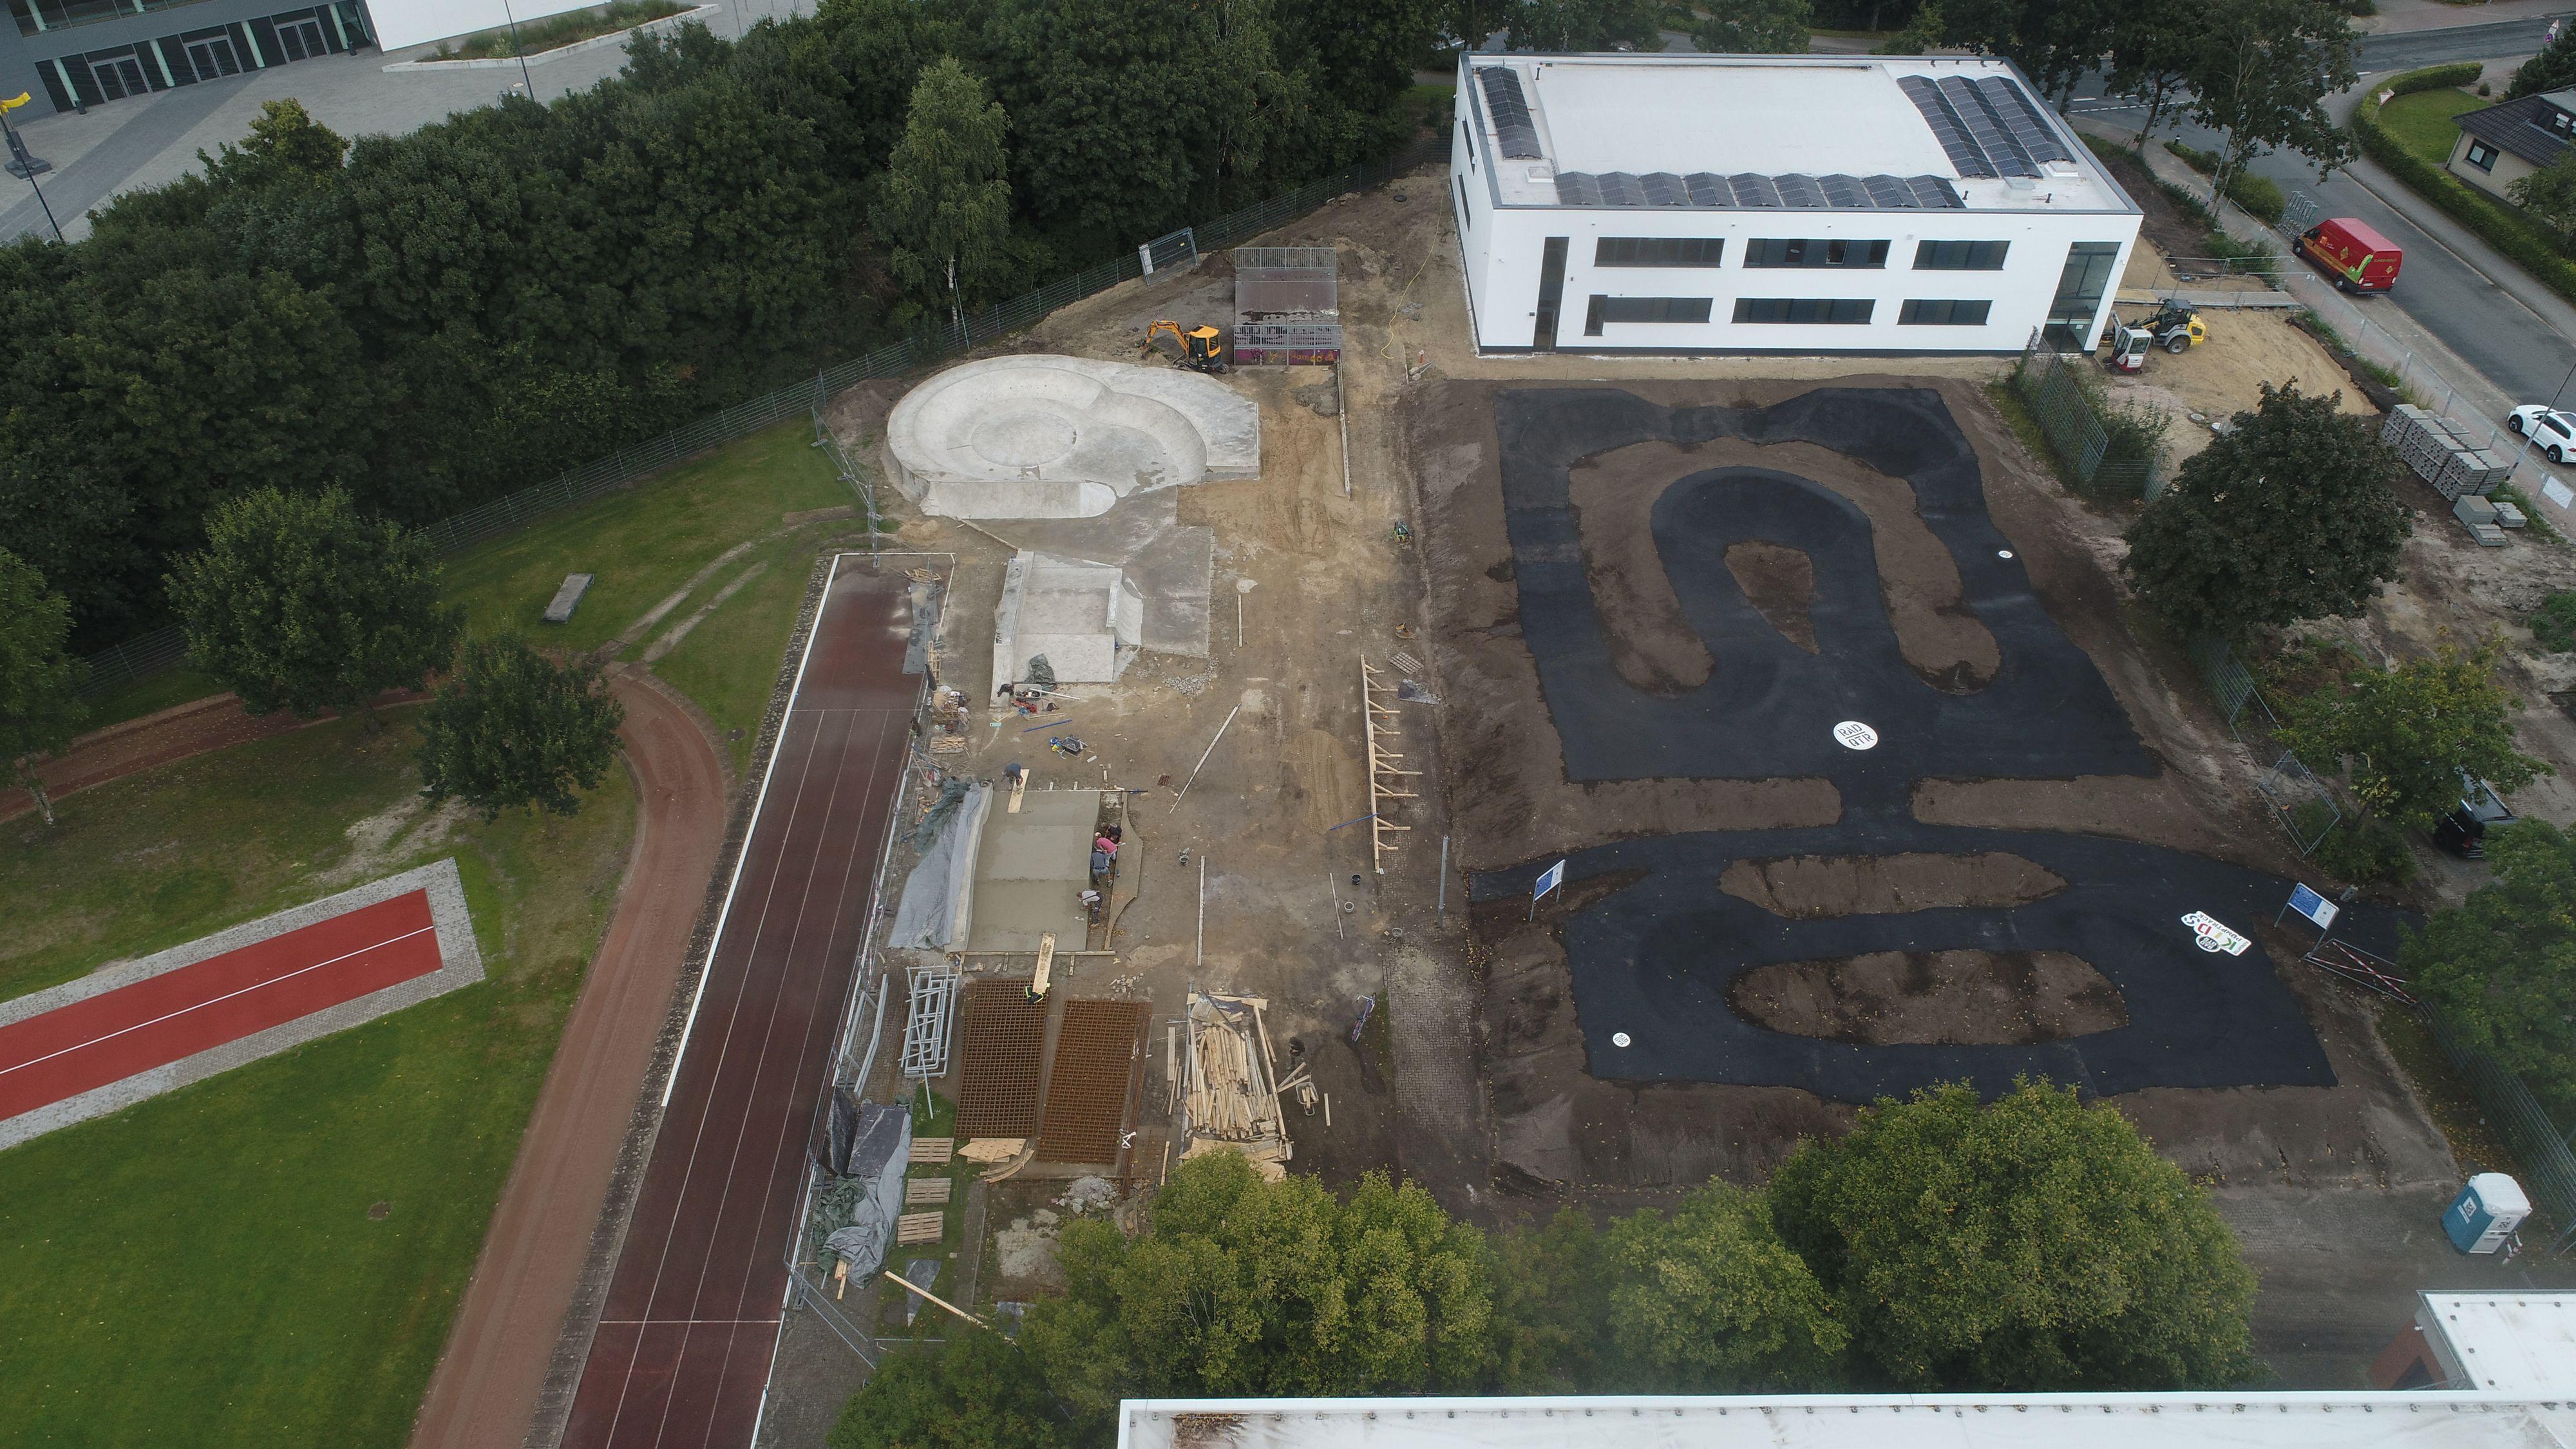 Die neue Anlage von oben: Links sind die Arbeiten an der Skateparksanierung zu sehen, rechts ist die Asphaltfläche des Pumptracks bereits fertiggestellt. Foto: RadQuartier GmbH